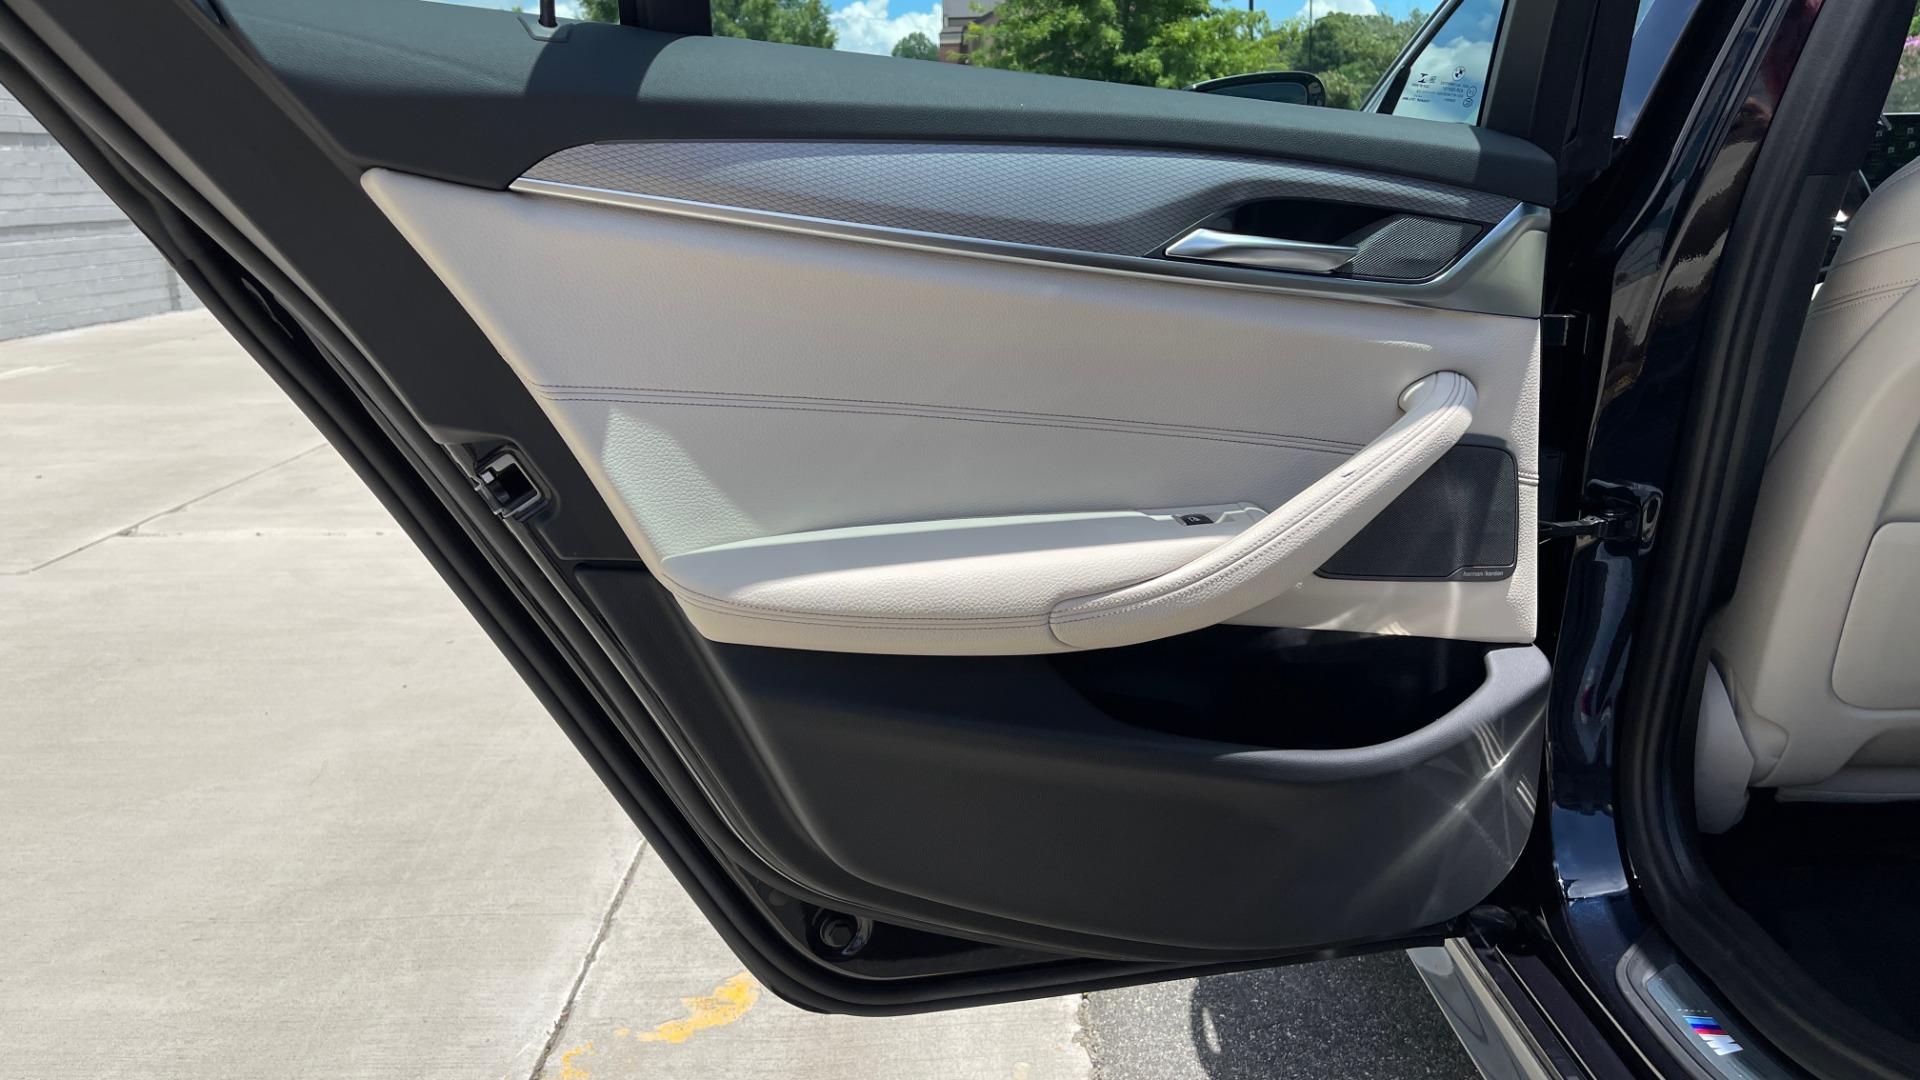 Used 2018 BMW 5 SERIES 540I M-SPORT / EXECUTIVE PKG / DRVR ASST PKG / BLIND SPOT / LANE DEPART for sale $40,995 at Formula Imports in Charlotte NC 28227 57